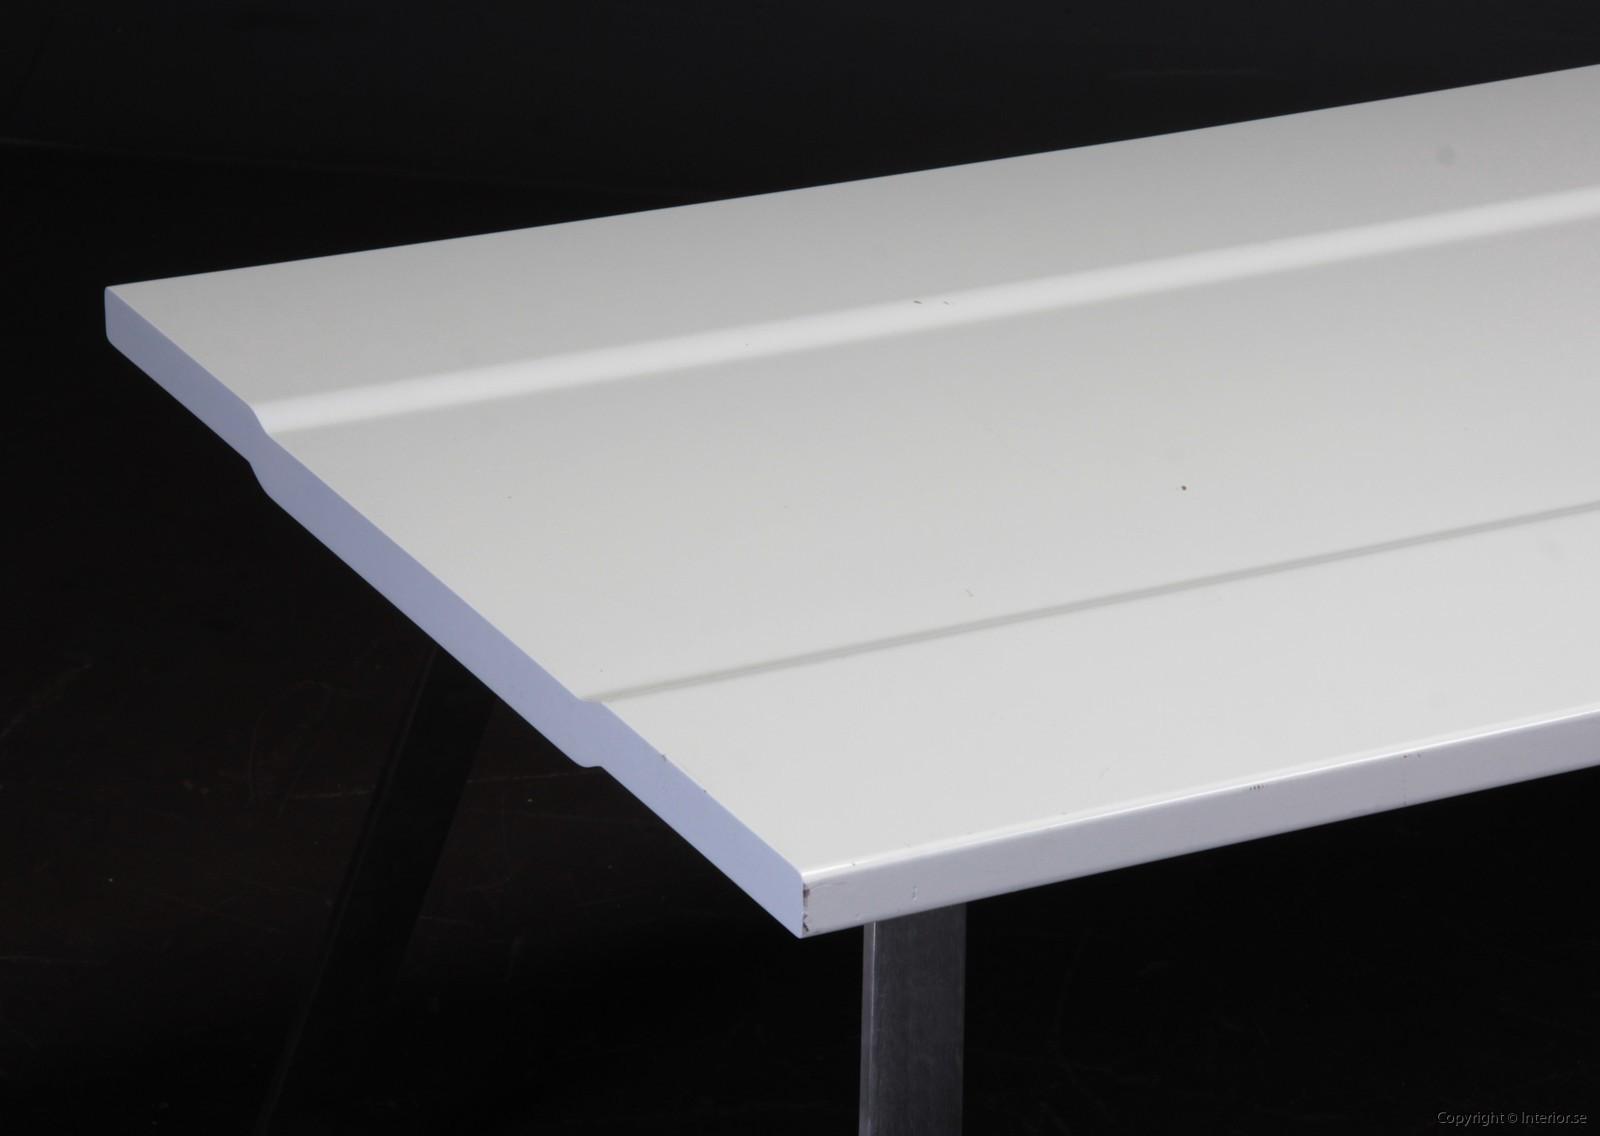 Unikt konferensbord konferenztisch table, Design by Johannes Torpe - 240 x 100 cm 4